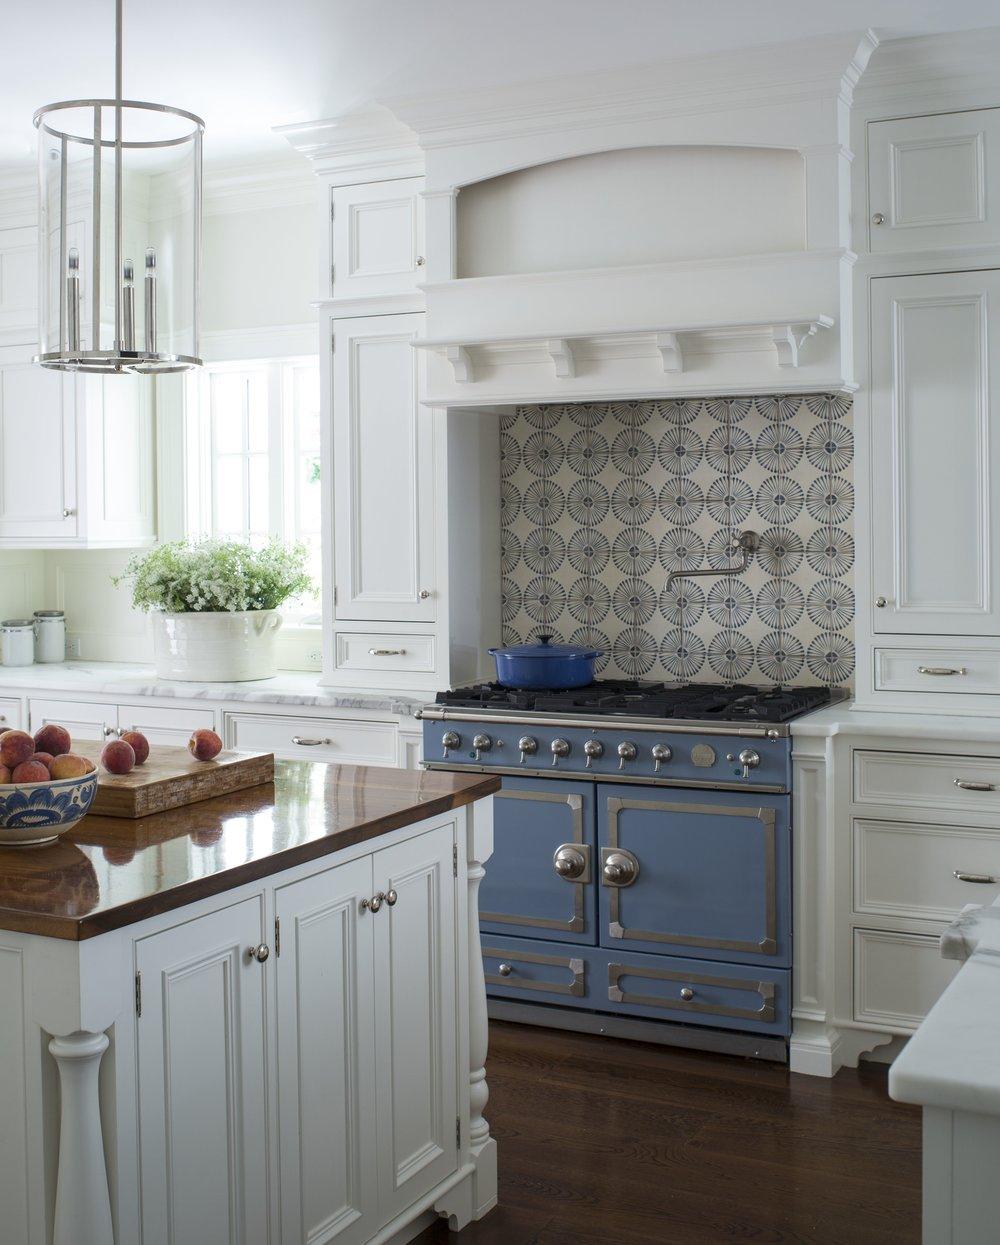 J_Hilderbrand-Interiors_Kitchen_Range_63407.jpg